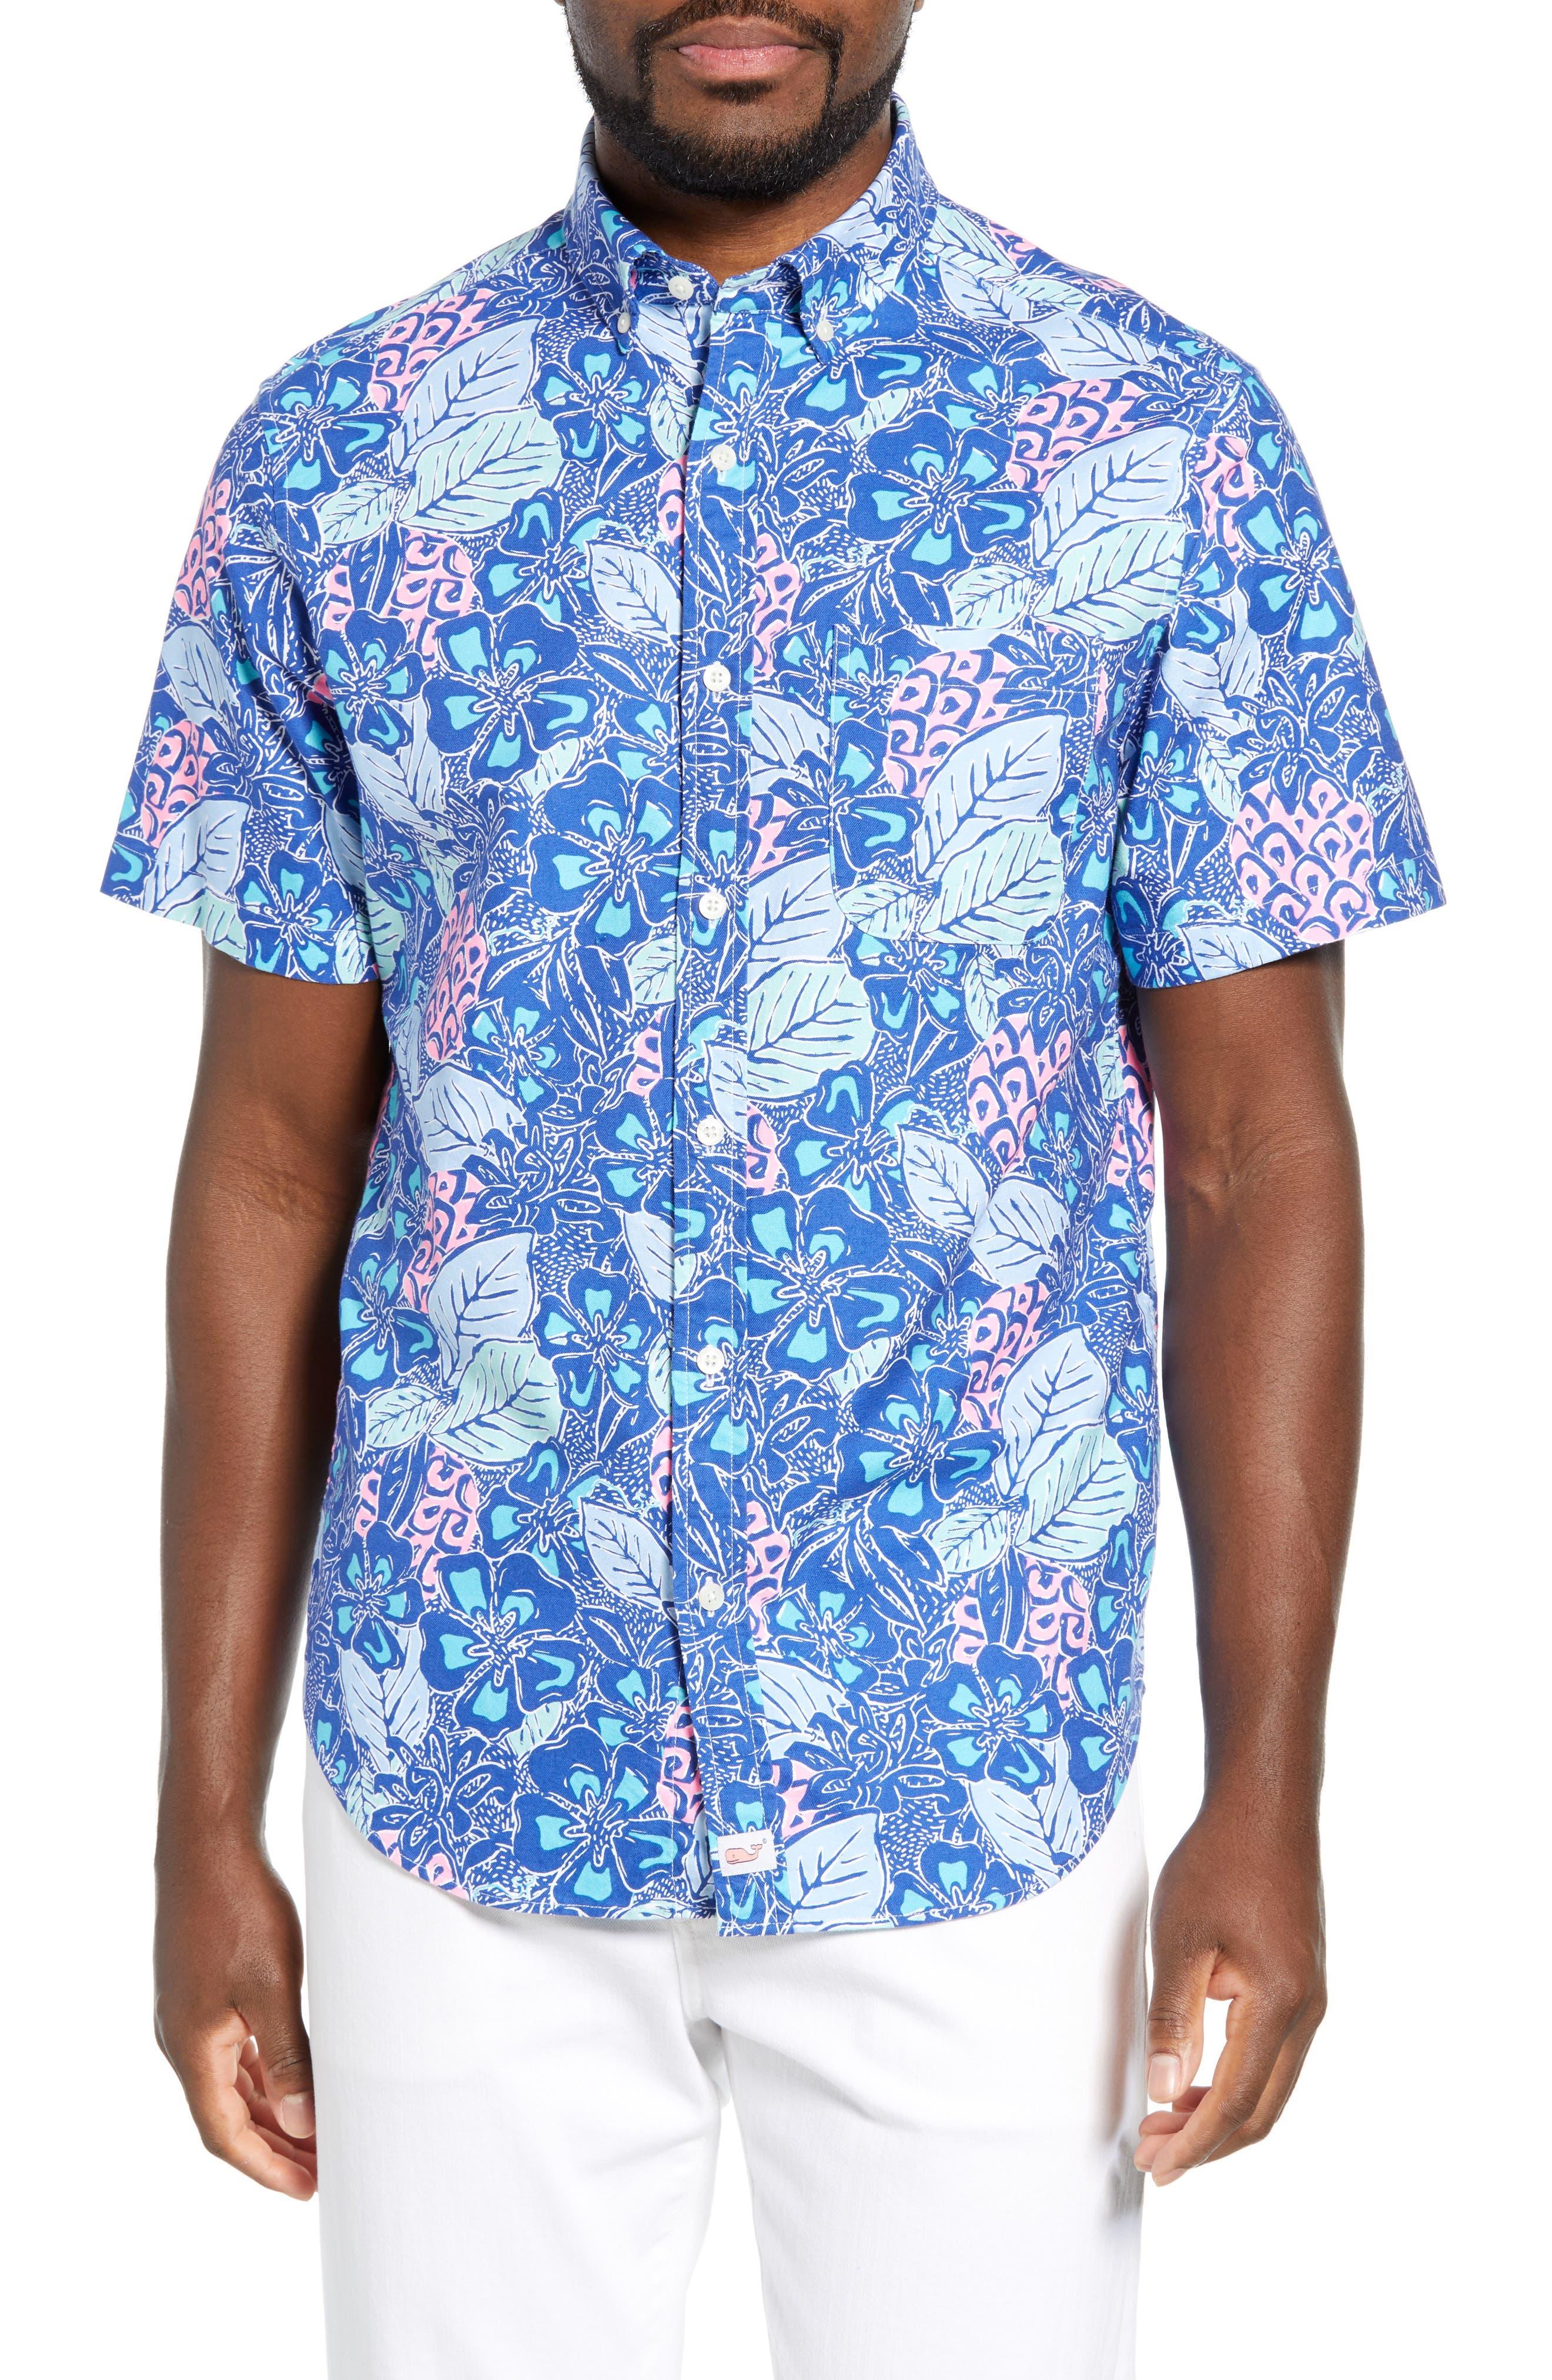 VINEYARD VINES,                             Murray Slim Fit Pineapple Print Sport Shirt,                             Main thumbnail 1, color,                             ROYAL OCEAN